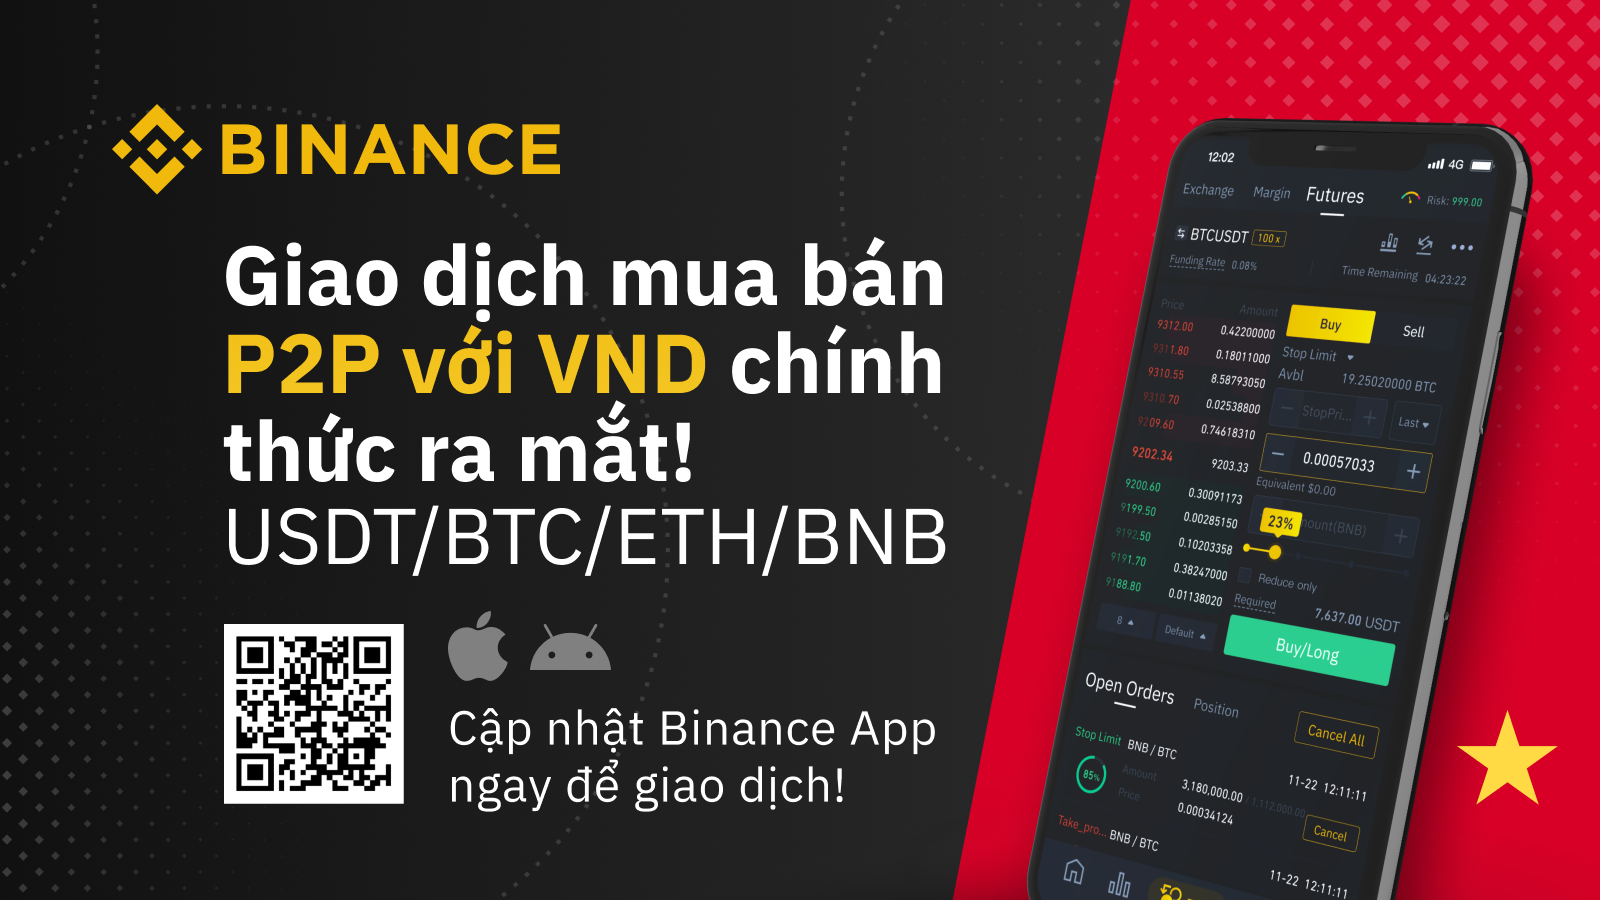 Nền tảng Binance P2P chính thức hỗ trợ Việt Nam Đồng (VND)